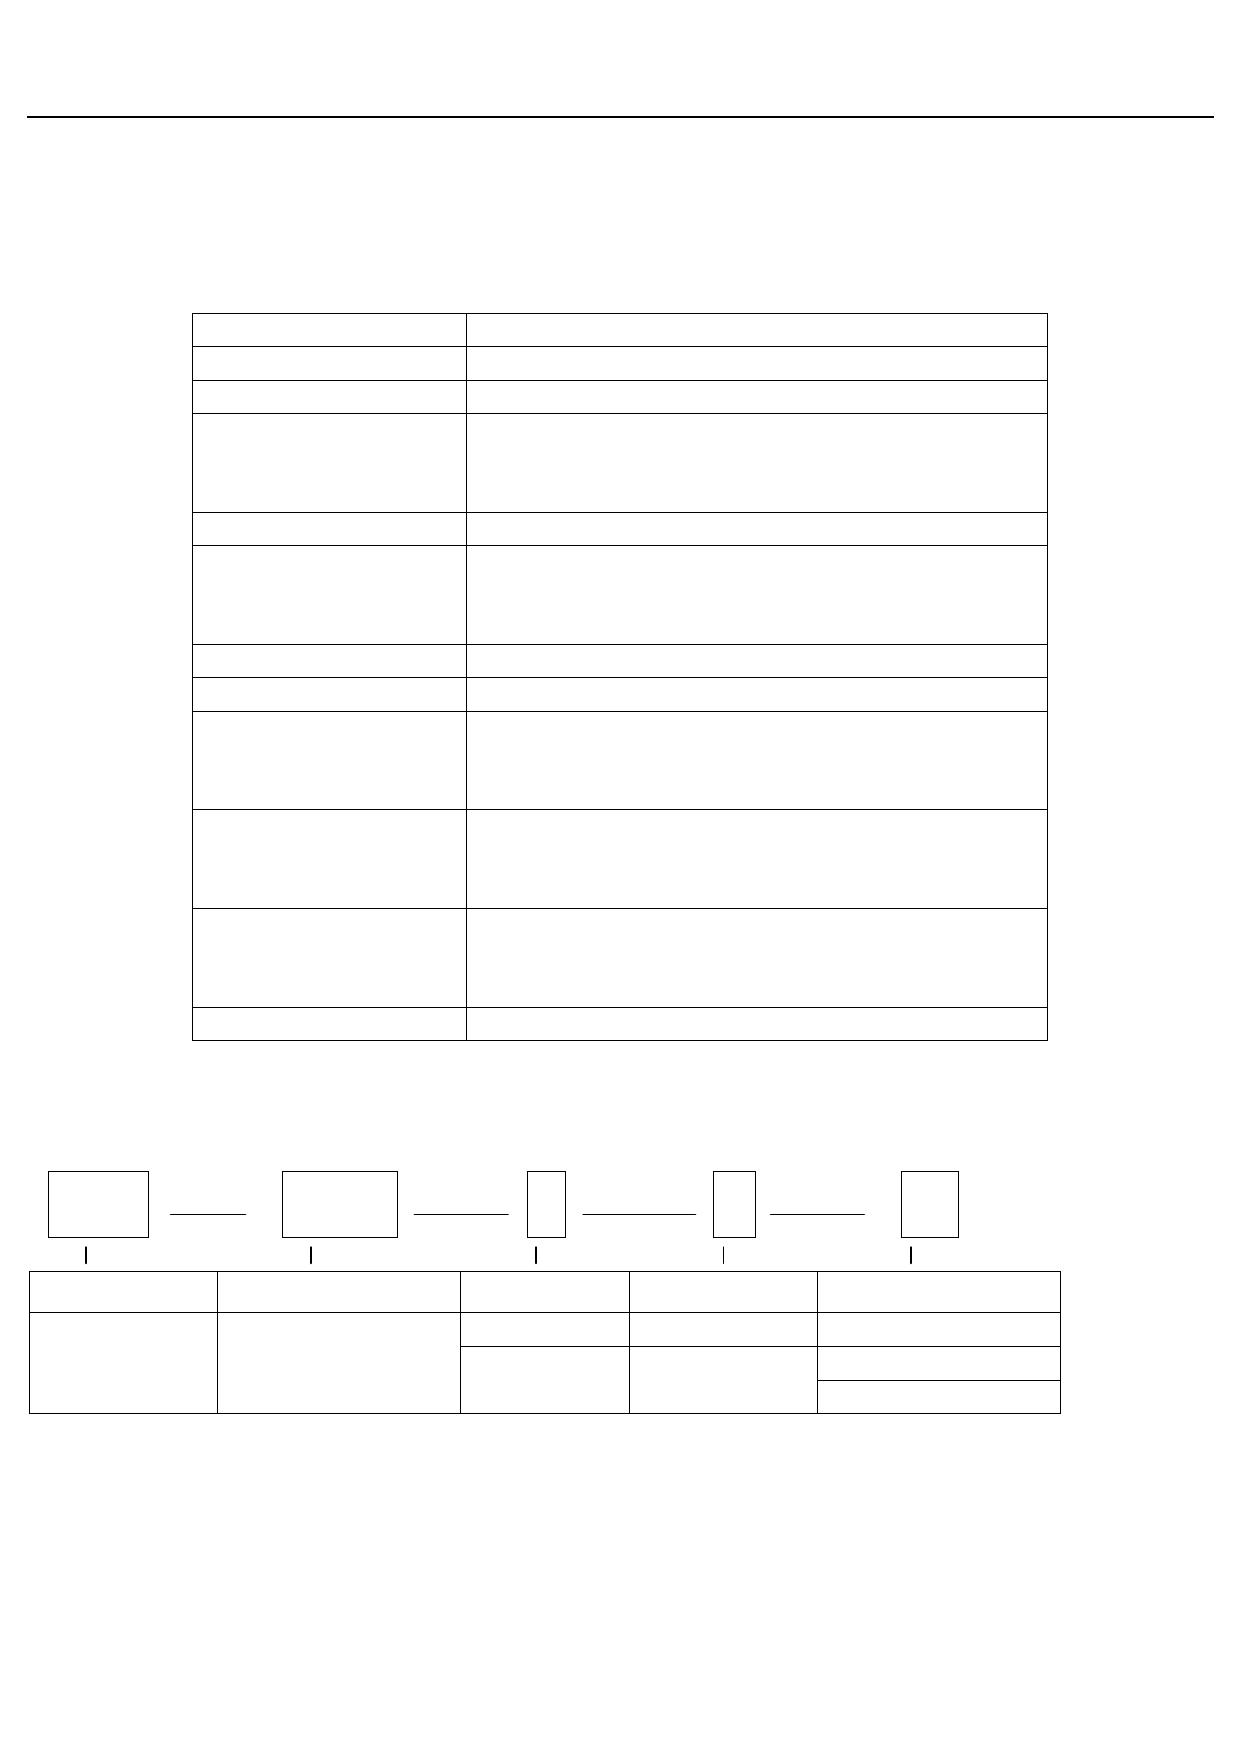 SMIH-12VDC-S-L-C pdf pinout